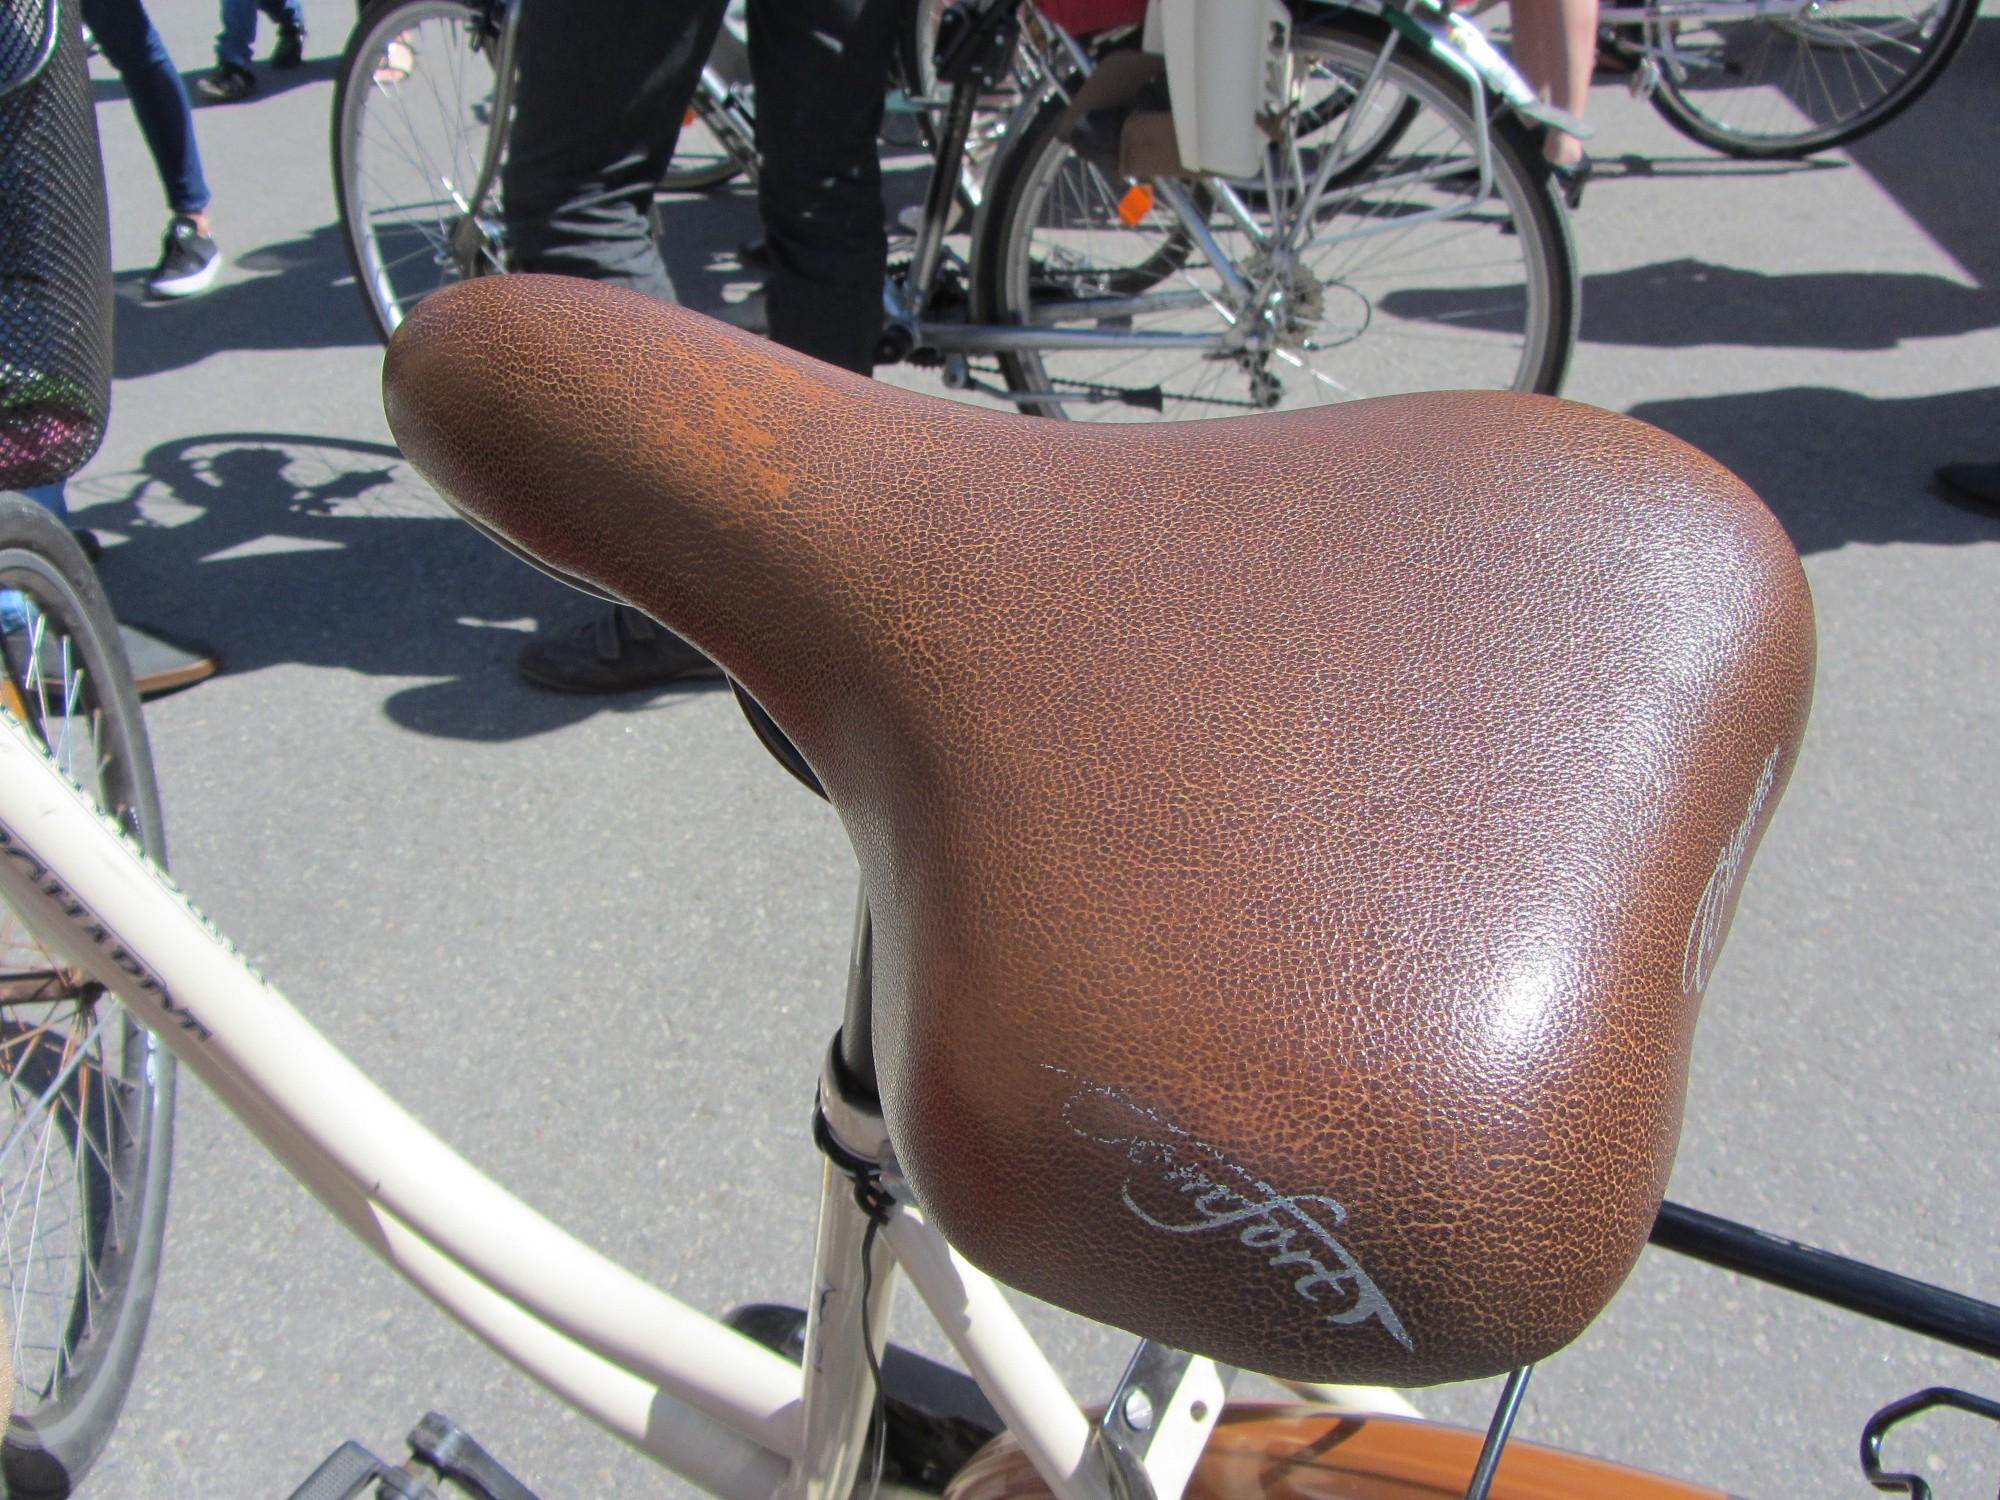 Papildināts – Aiznes saslēgtu velosipēdu un apzog neaizslēgtu auto